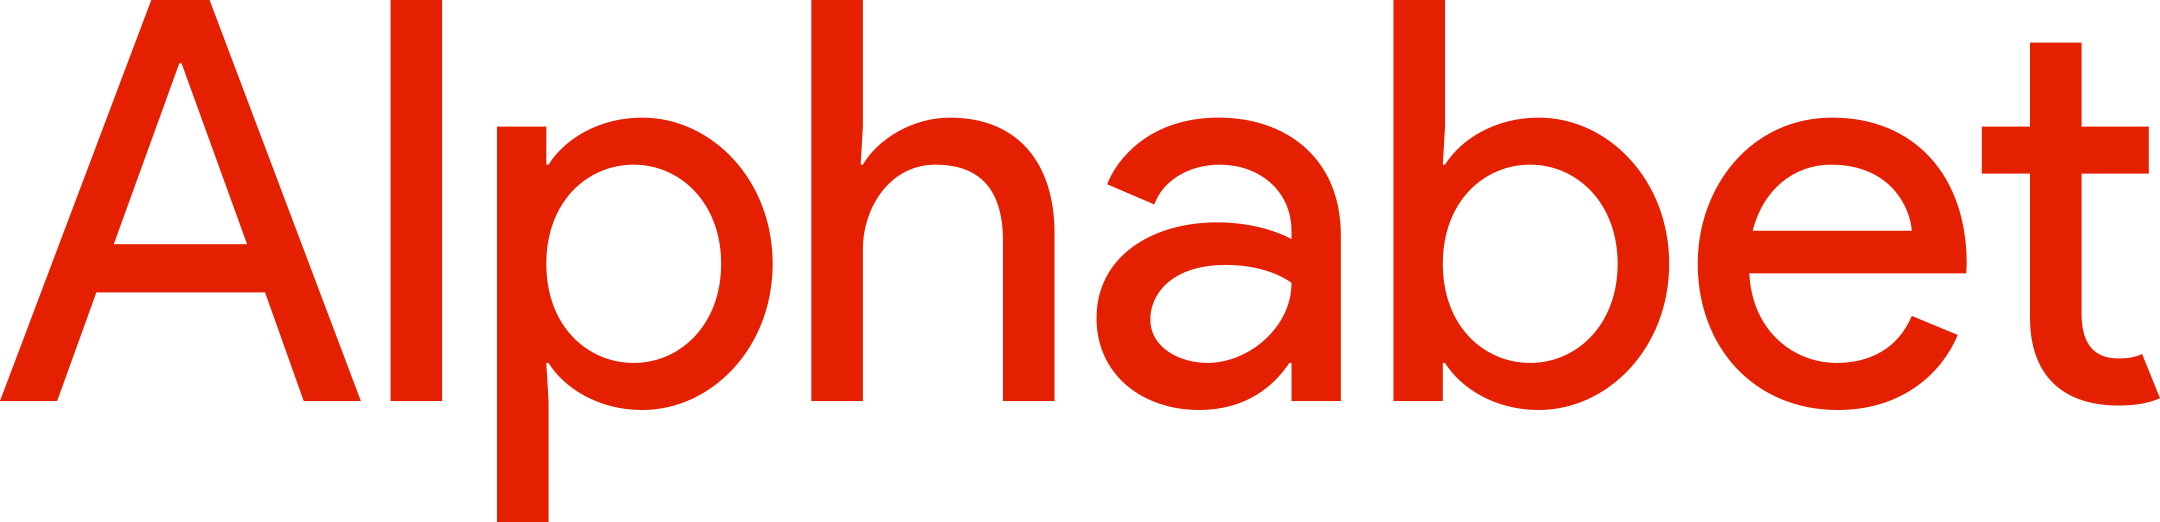 alphabet logo 1 - Alphabet Logo